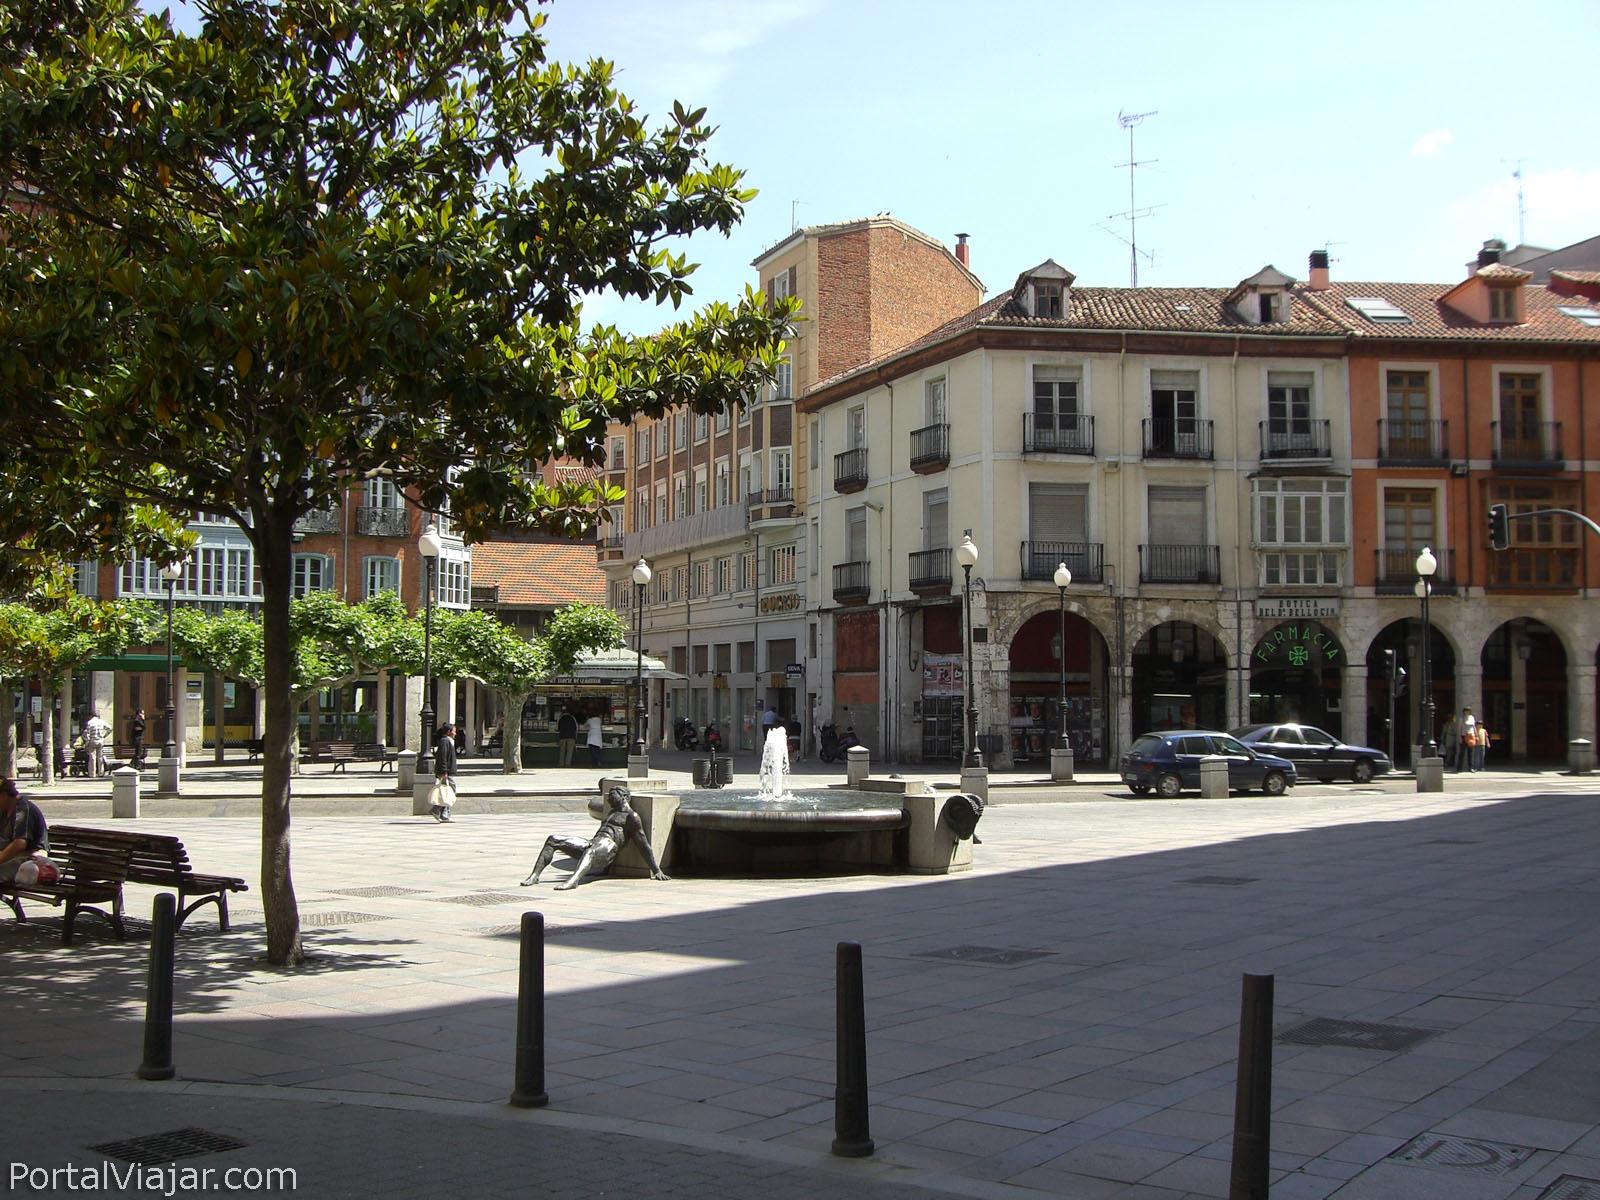 Plaza de la Rinconada (Valladolid)